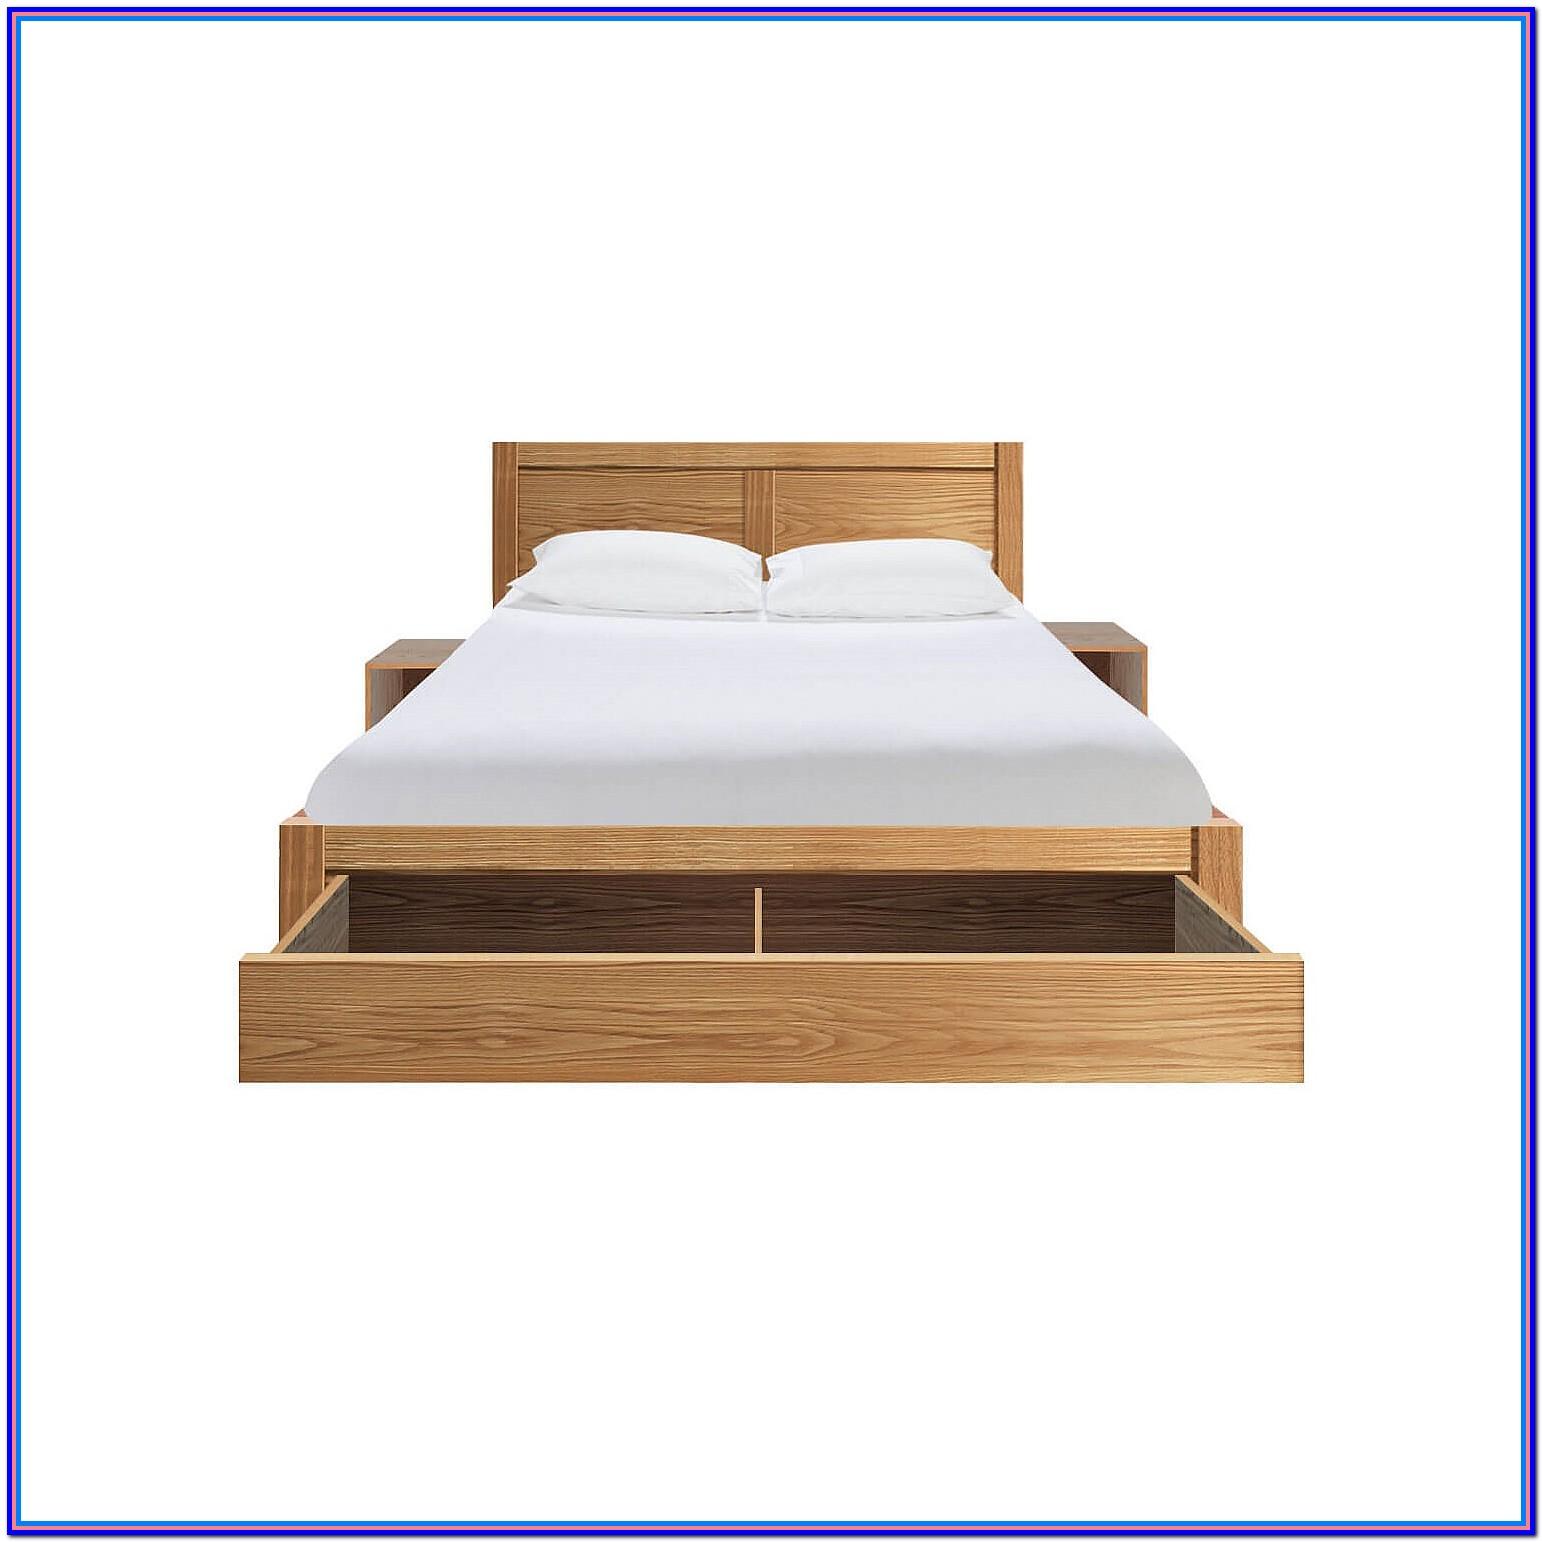 Bed With Storage Underneath Nz